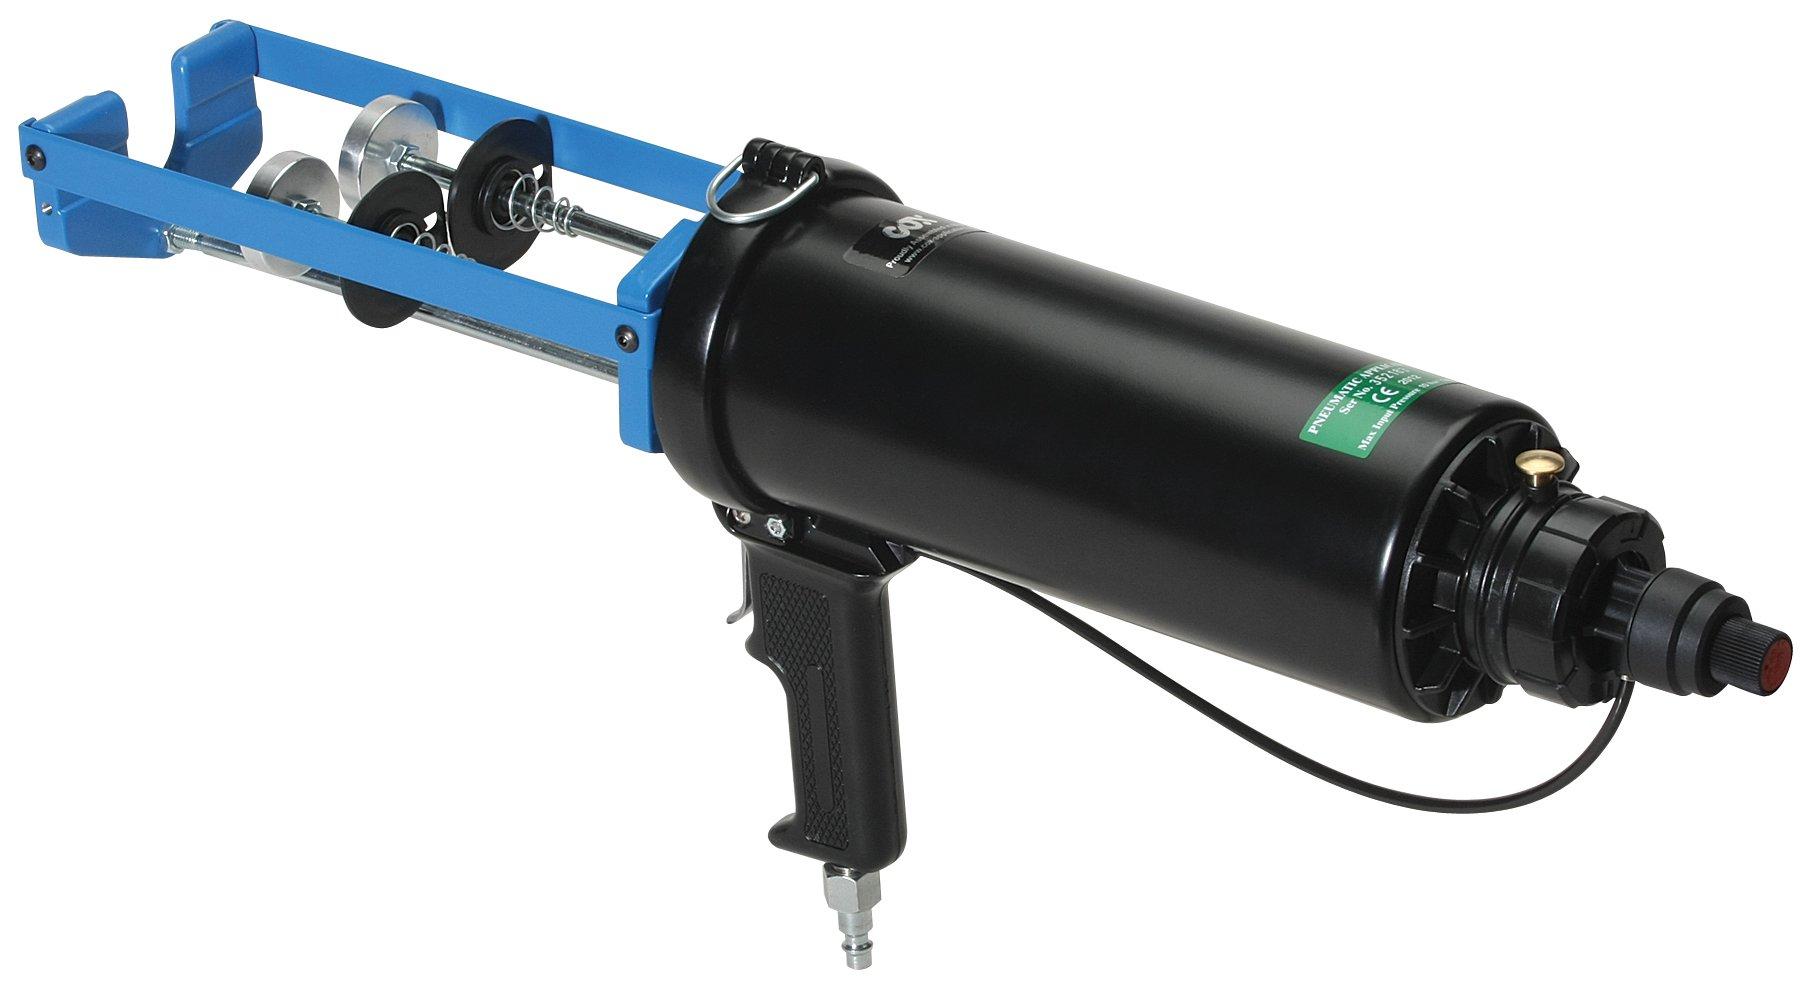 COX A300HP 300 ml. x 300 ml. Cartridge High Pressure Pneumatic Epoxy Applicator